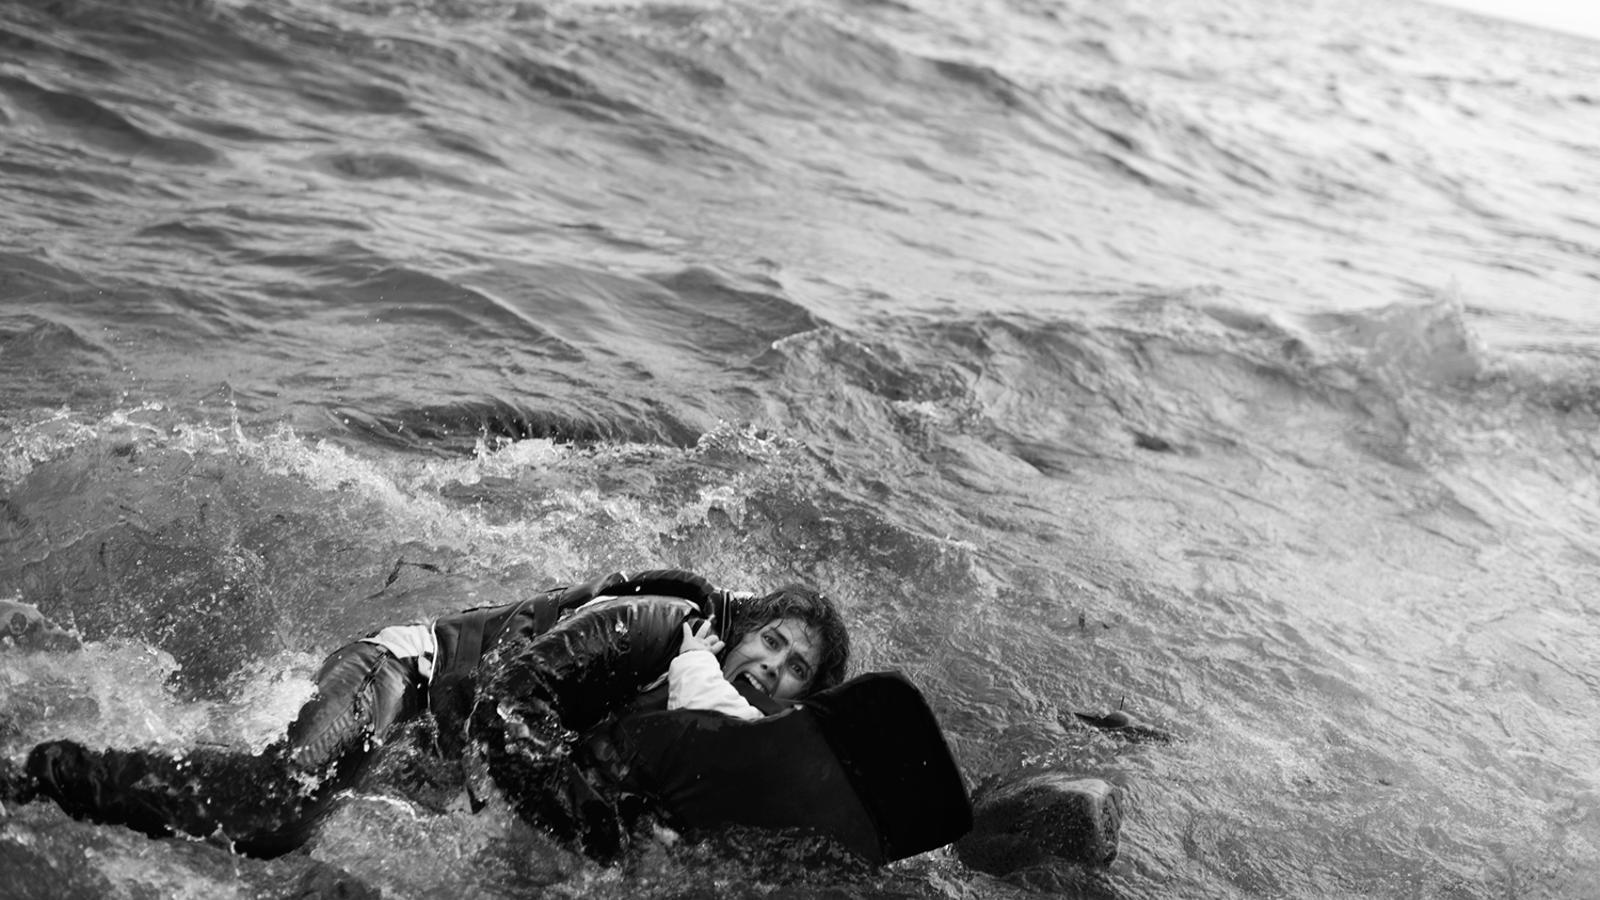 Una jove siriana, agafada al seu fill, demana ajuda a crits després de caure des d'una barca a tocar de la costa de Lesbos el 2 d'octubre. Van ser salvats per la gent que hi havia a la platja. SAMUEL ARANDA